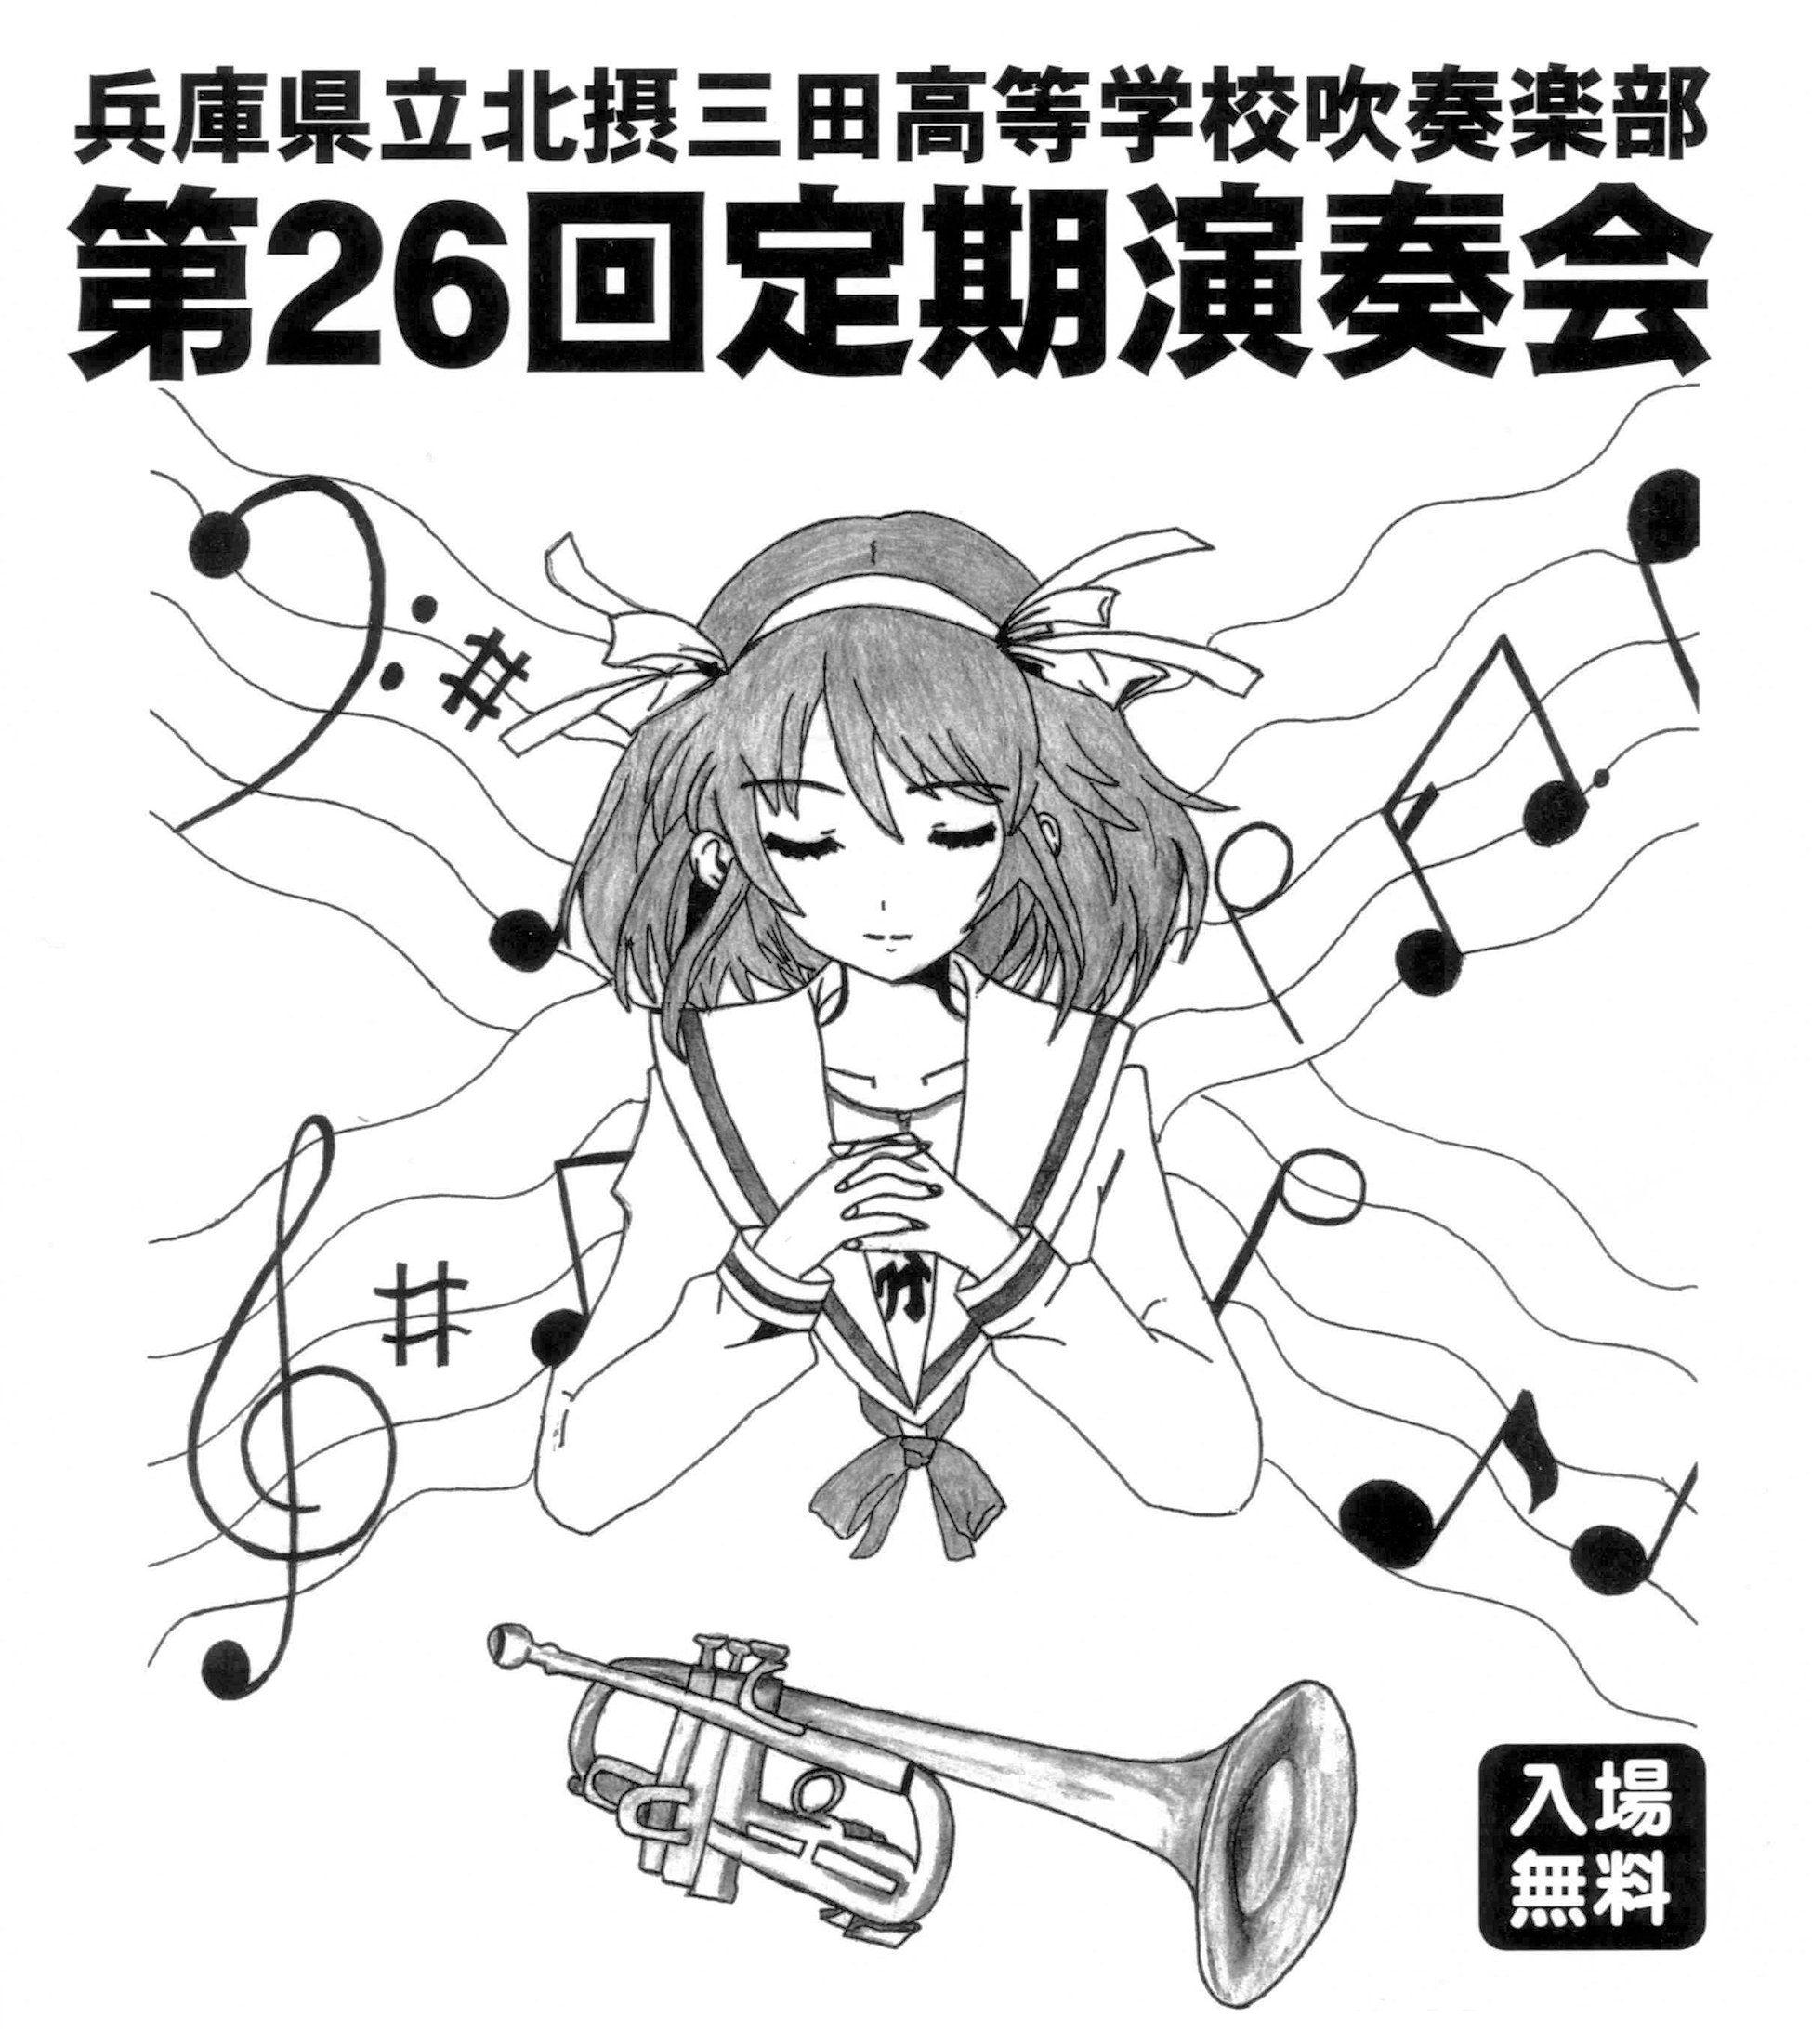 http://www.hitohaku.jp/infomation/news/hokusetsusanda-brass180324poster2.jpg